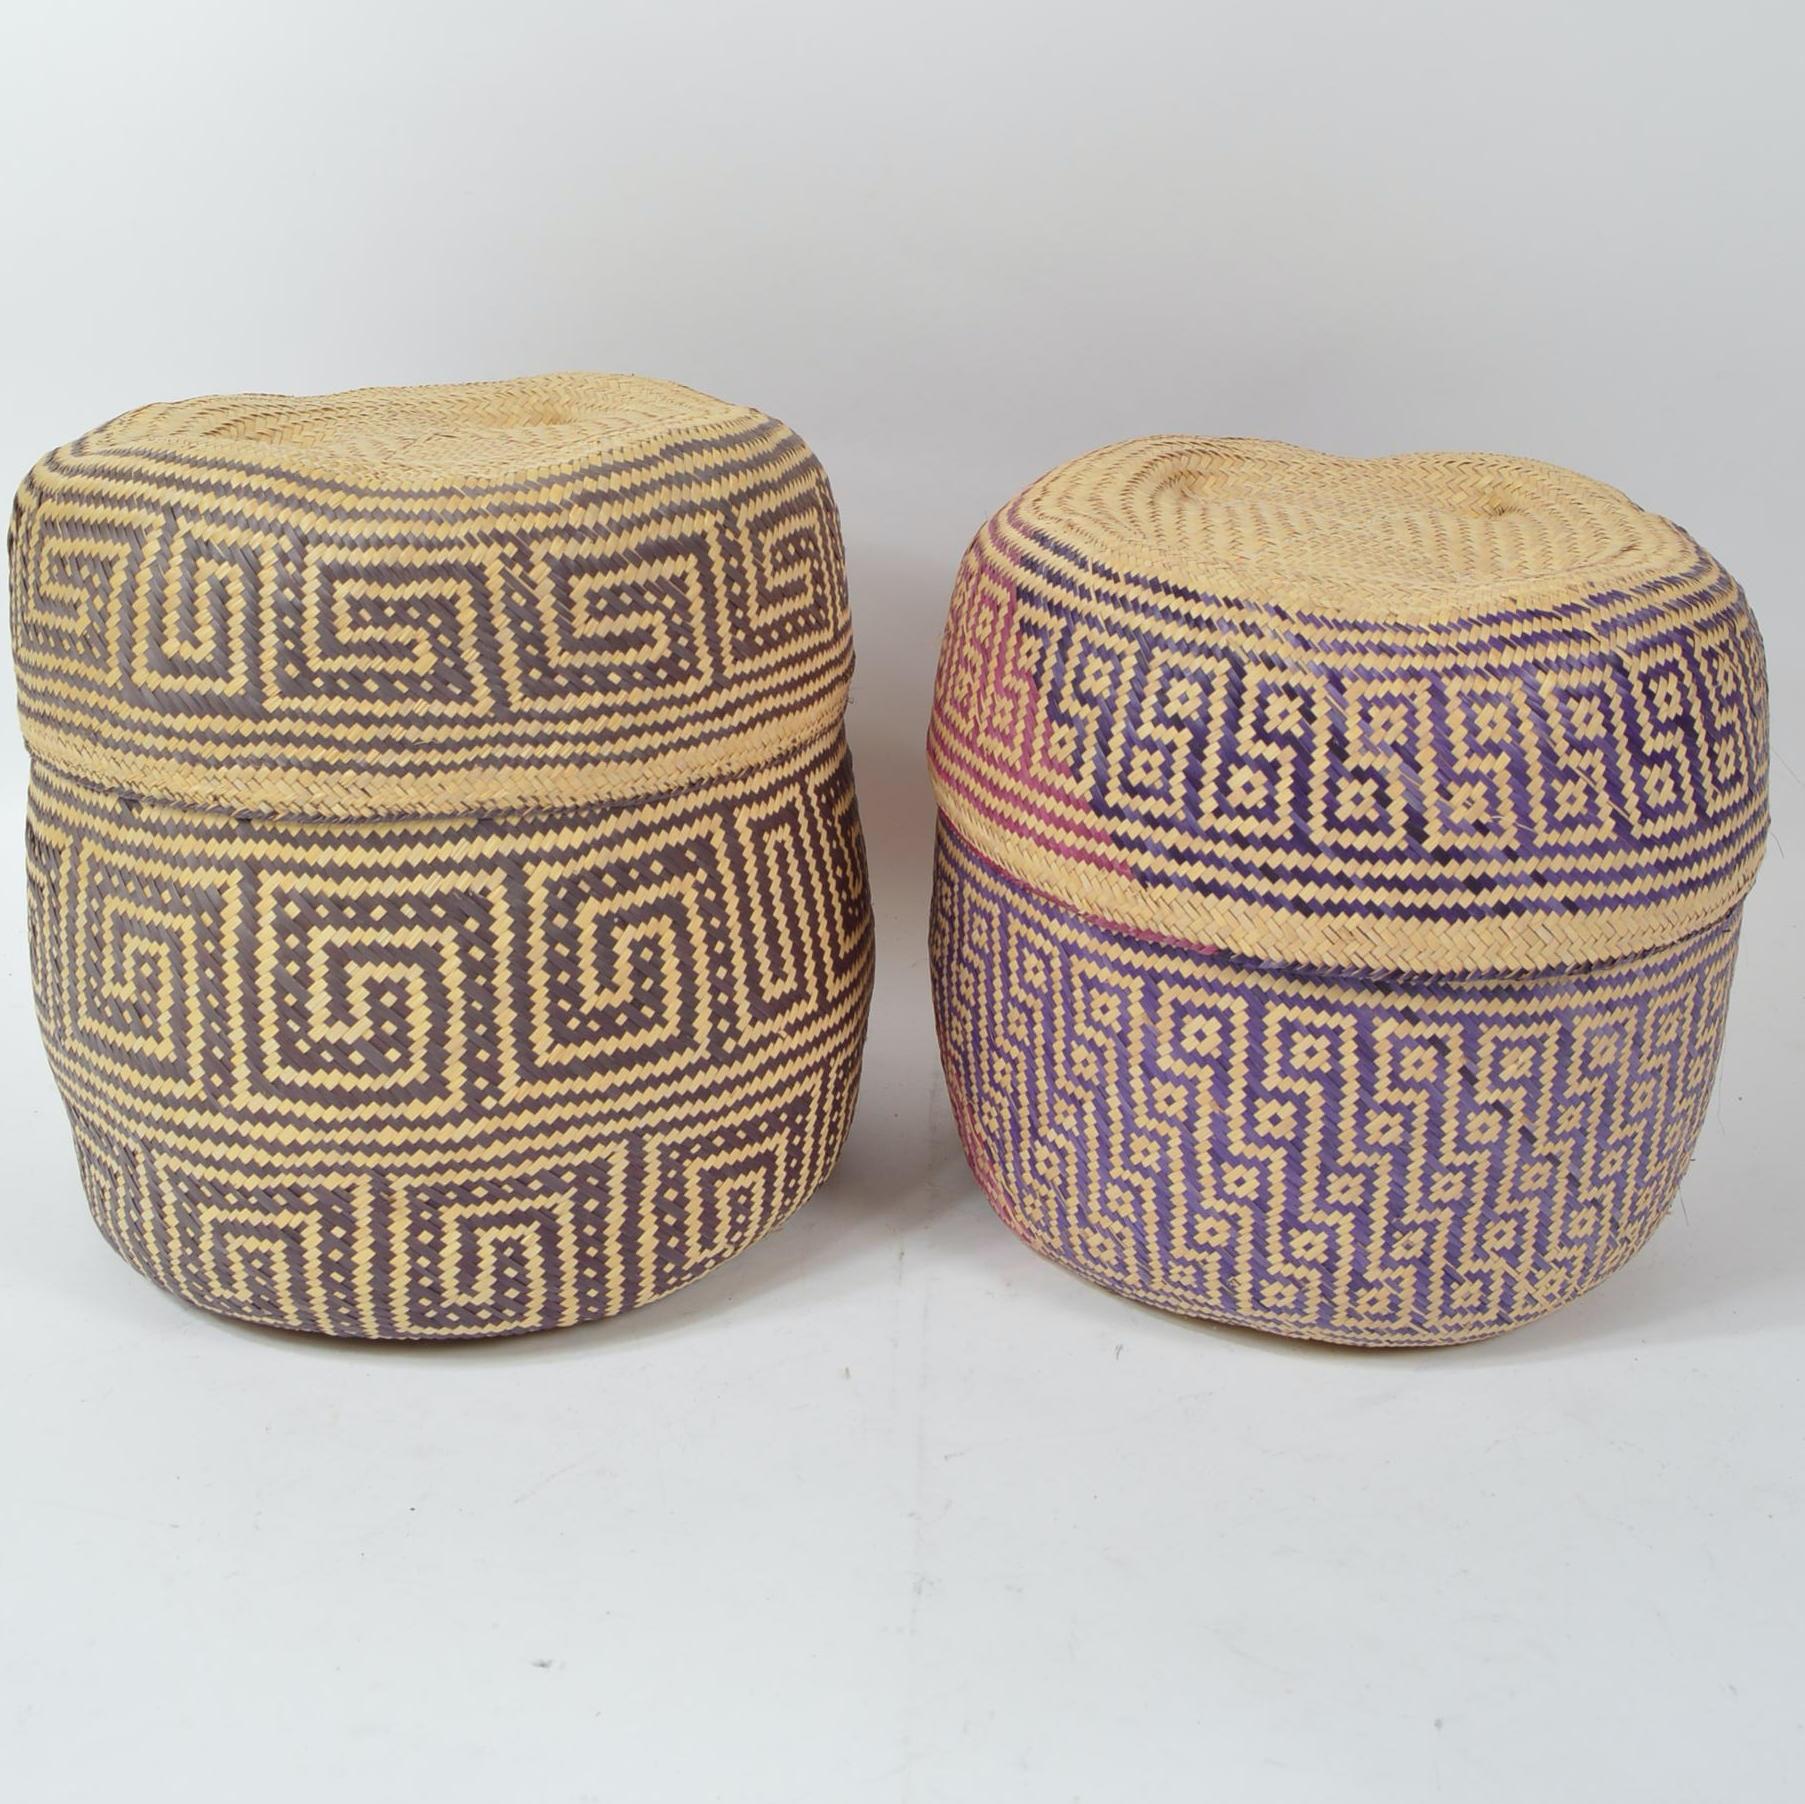 Woven Baskets from Oaxaca